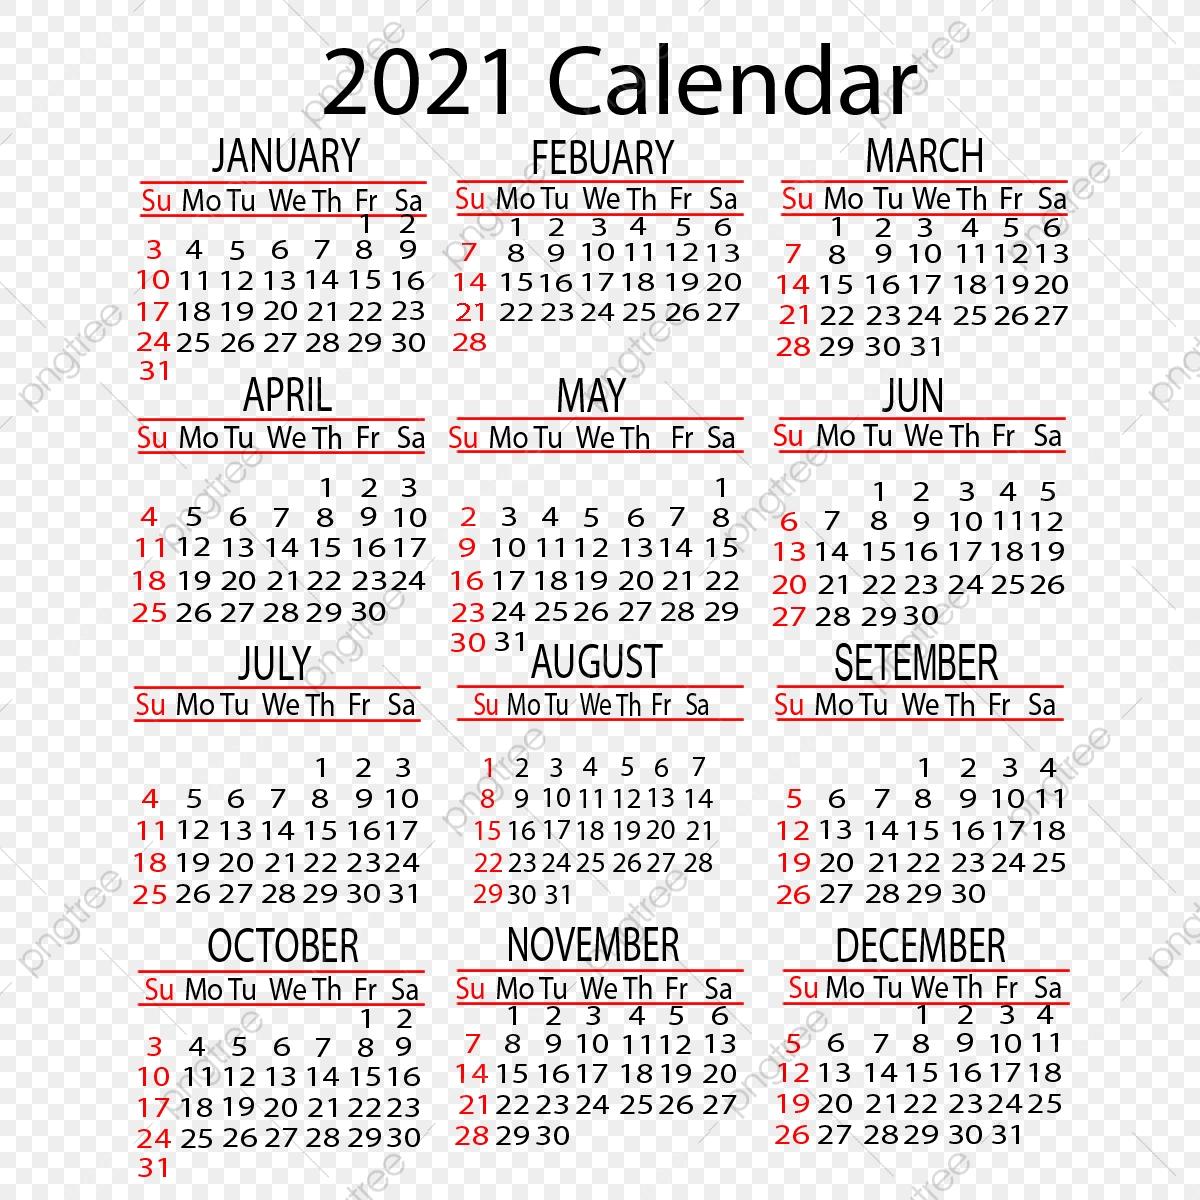 تقويم 2021 تصميم ناقلات سنوي, 2021, التقويم, السنة Png وملف